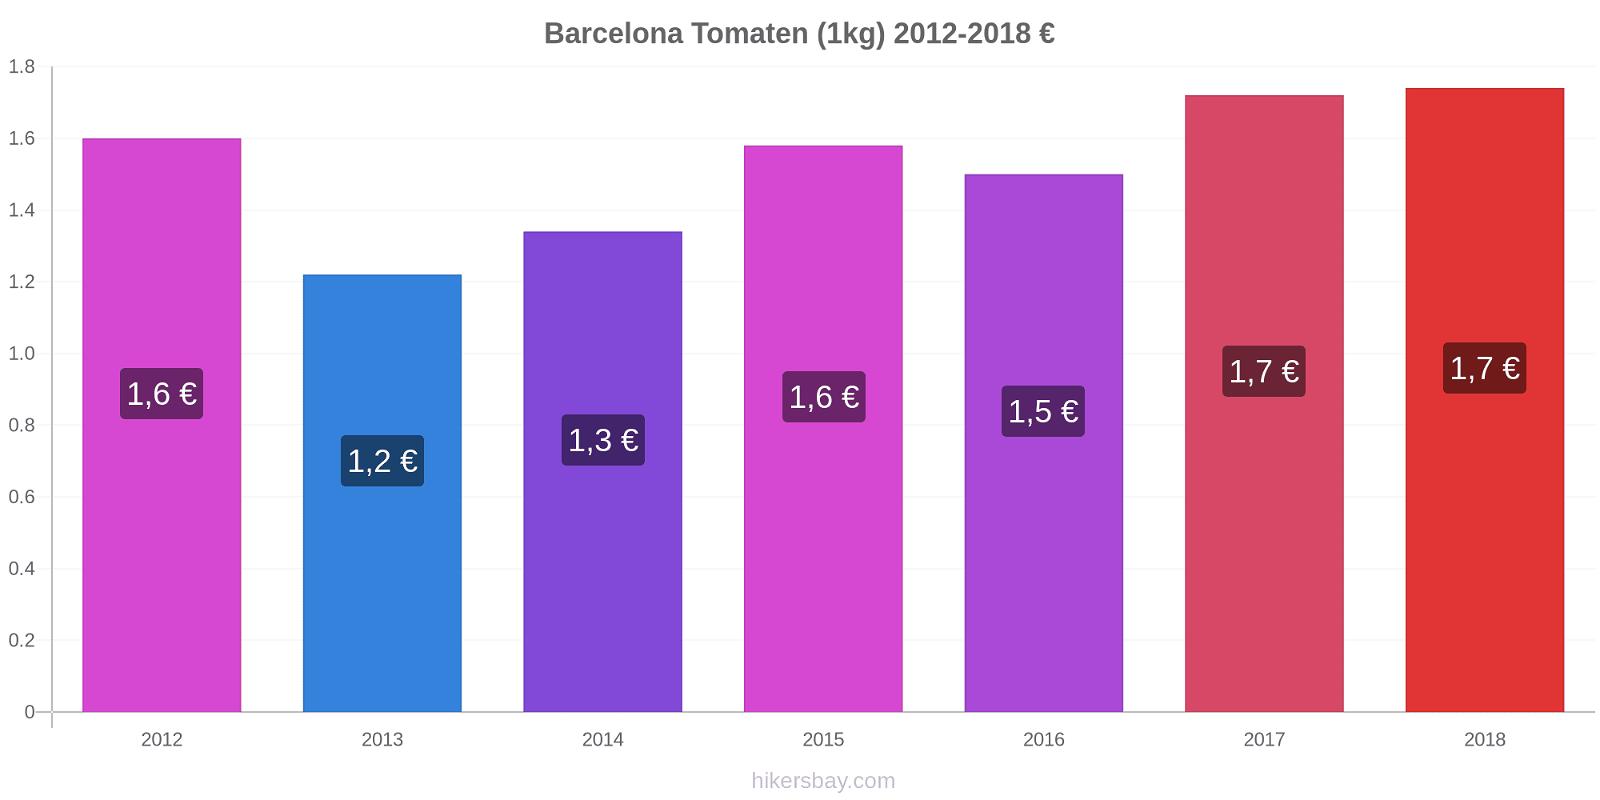 Barcelona Preisänderungen Tomaten (1kg) hikersbay.com